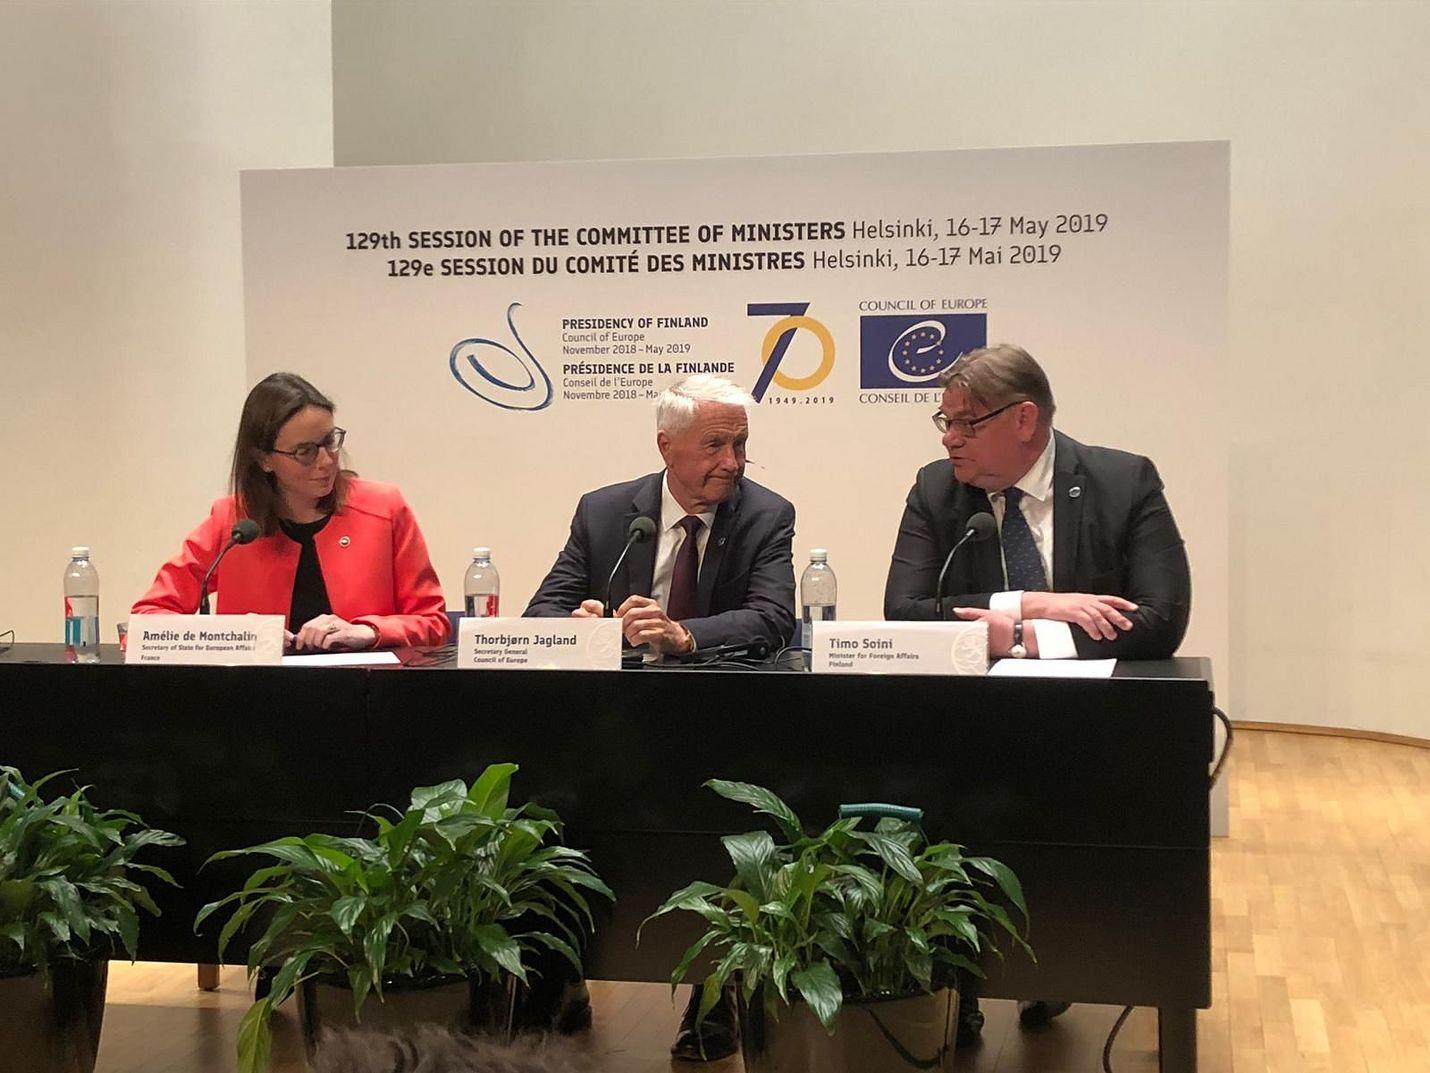 Euroopan Neuvoston seuraava puheenjohtajamaa on Ranska. Suomen ulkoministeri Timo Soini luovutti tittelin Ranskan Eurooppa-asiain valtiosihteerille